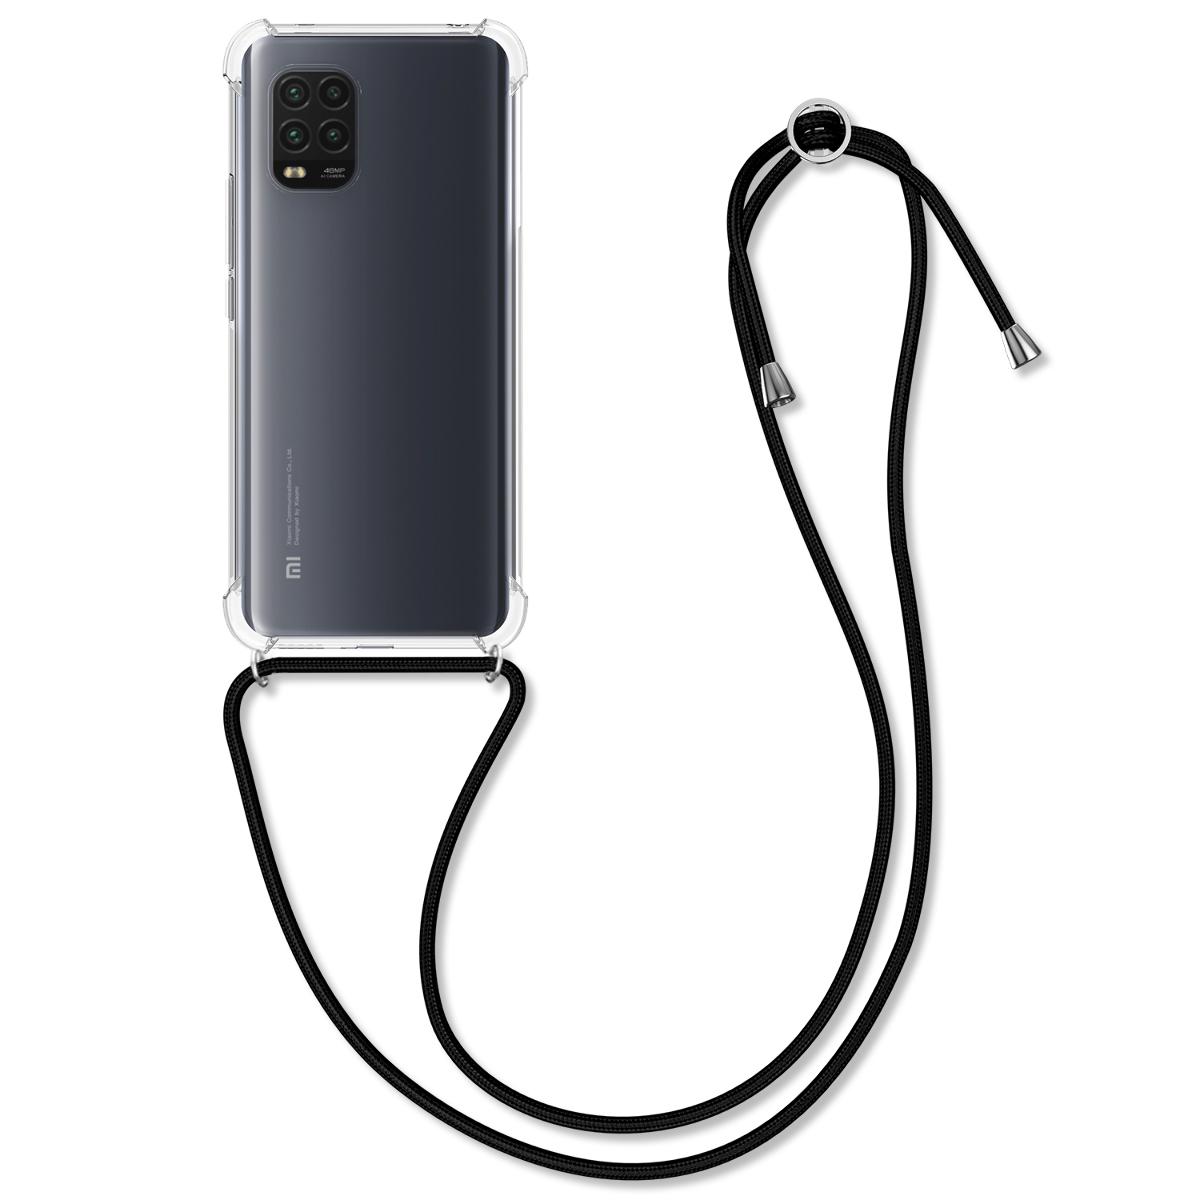 Průhledné pouzdro / obal s černou šňůrkou na krk pro Xiaomi Mi 10 Lite